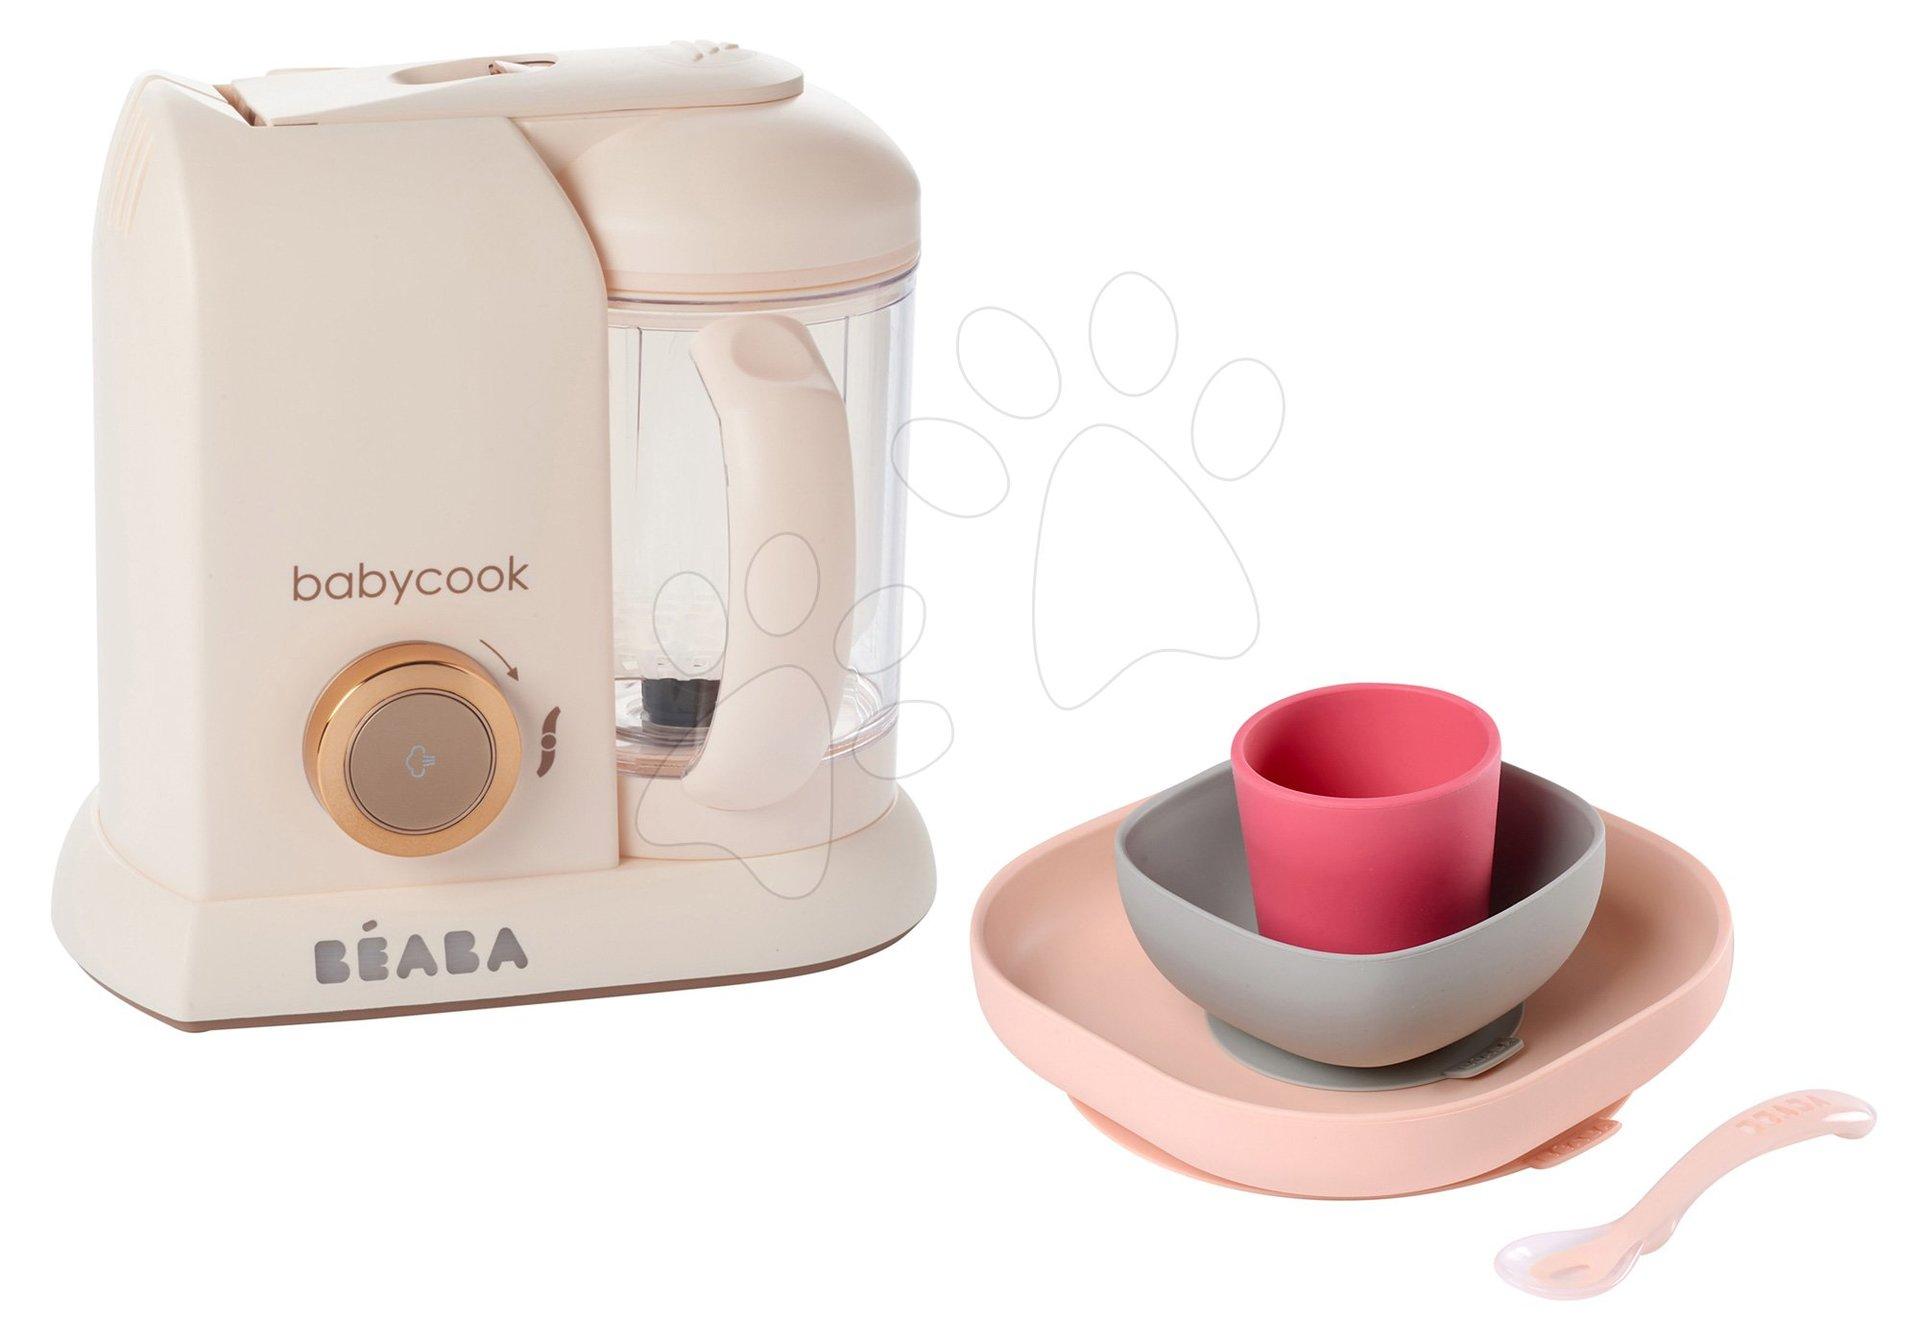 Set parný varič a mixér Babycook Solo Rose Gold Beaba limitovaná edícia a darček 4-dielna jedálenská súprava Meal od 0 mesiacov